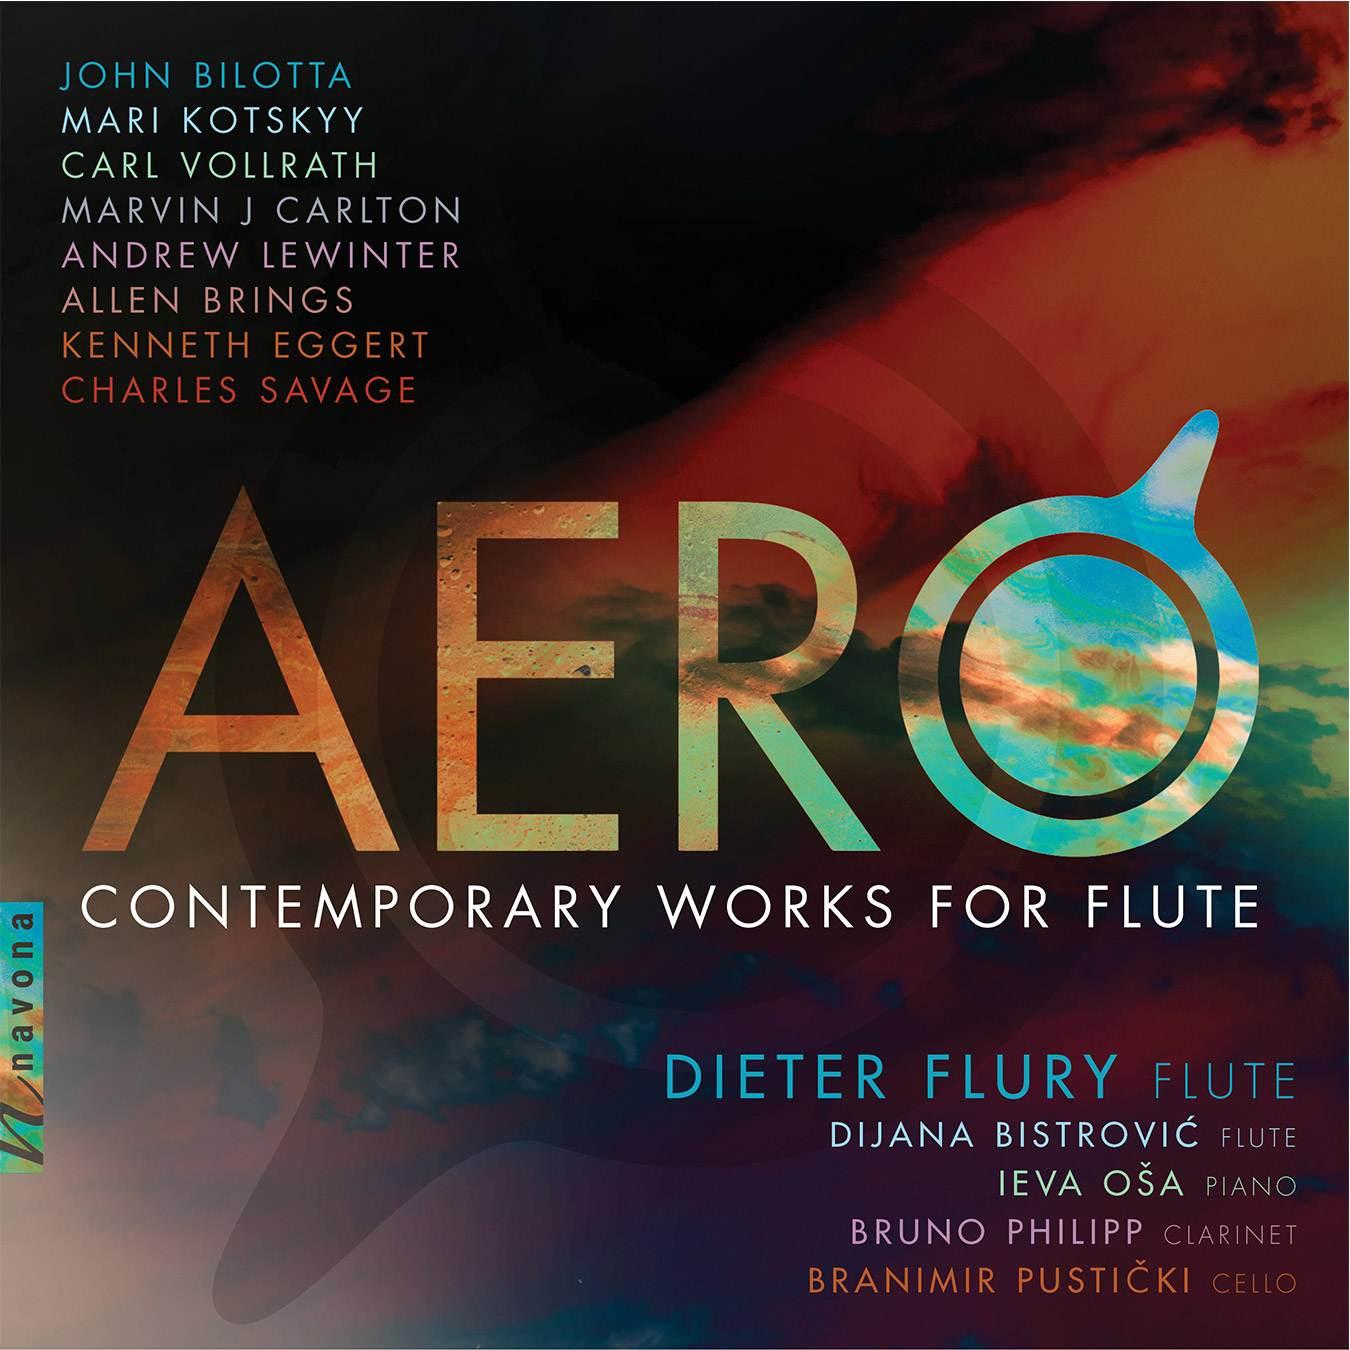 AERO - Dieter Flury - Album Cover